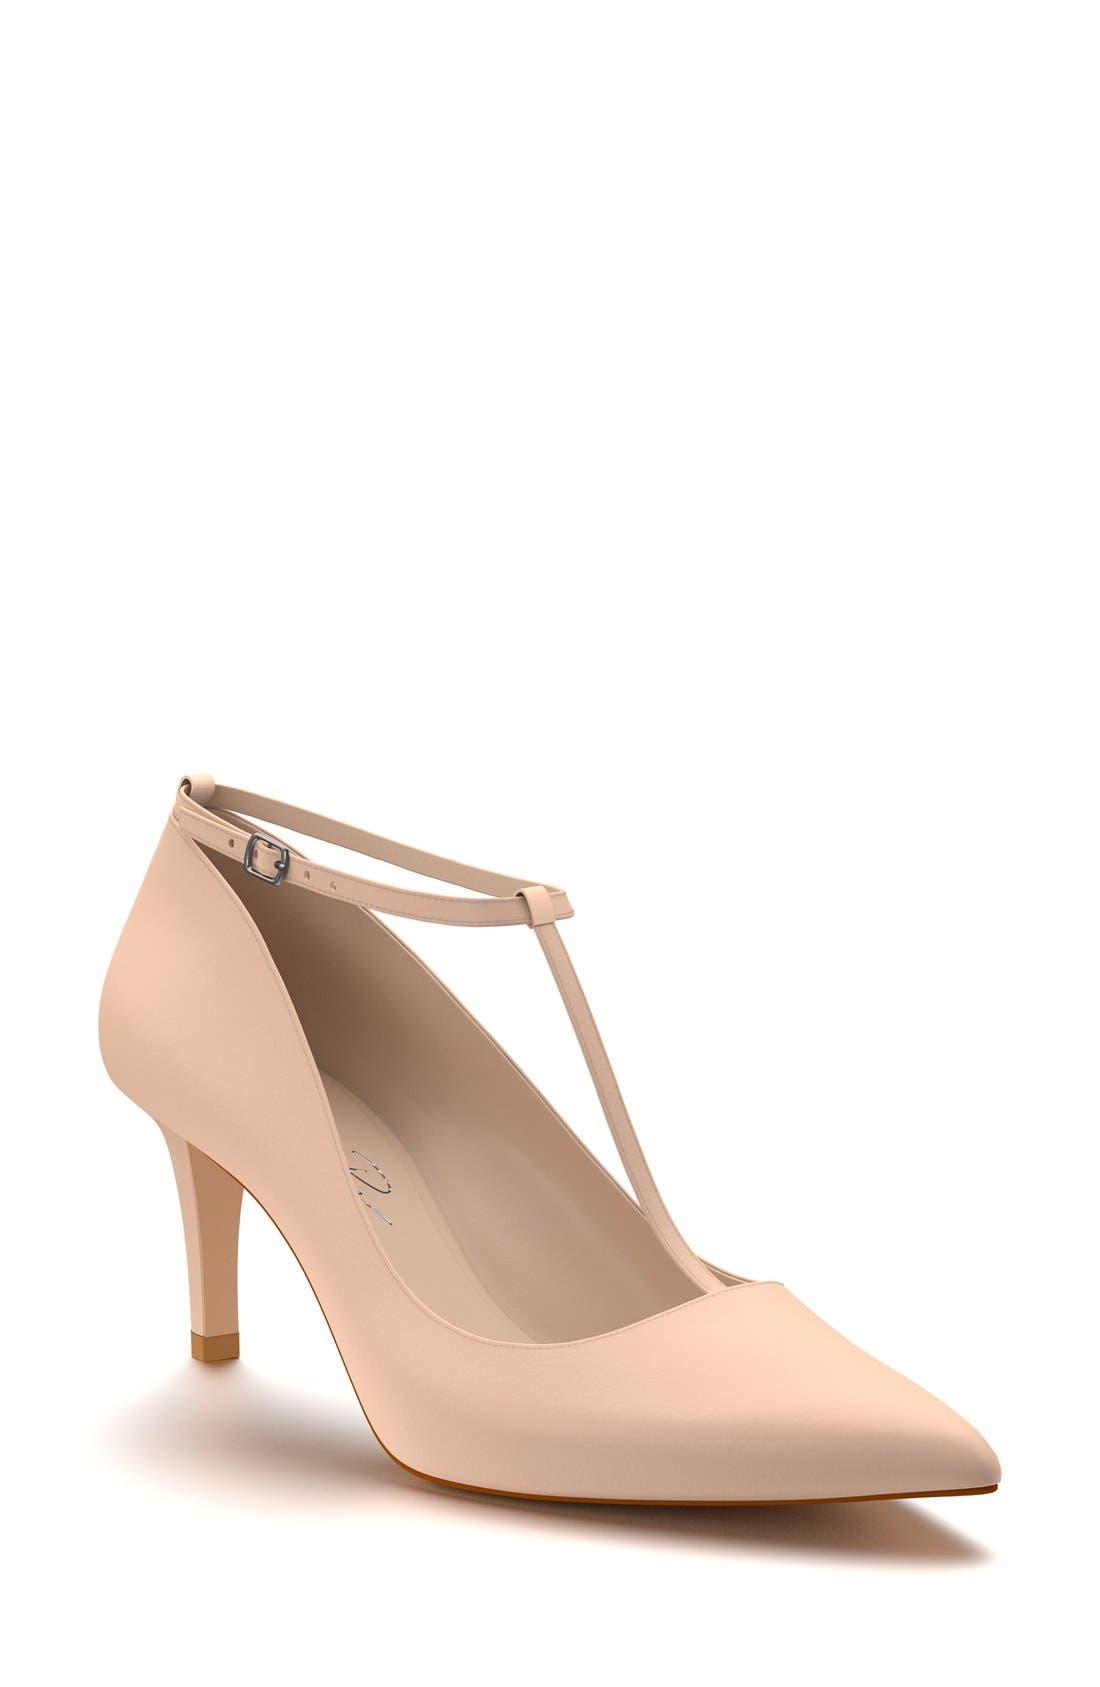 Main Image - Shoes of Prey T-Strap Pump (Women)